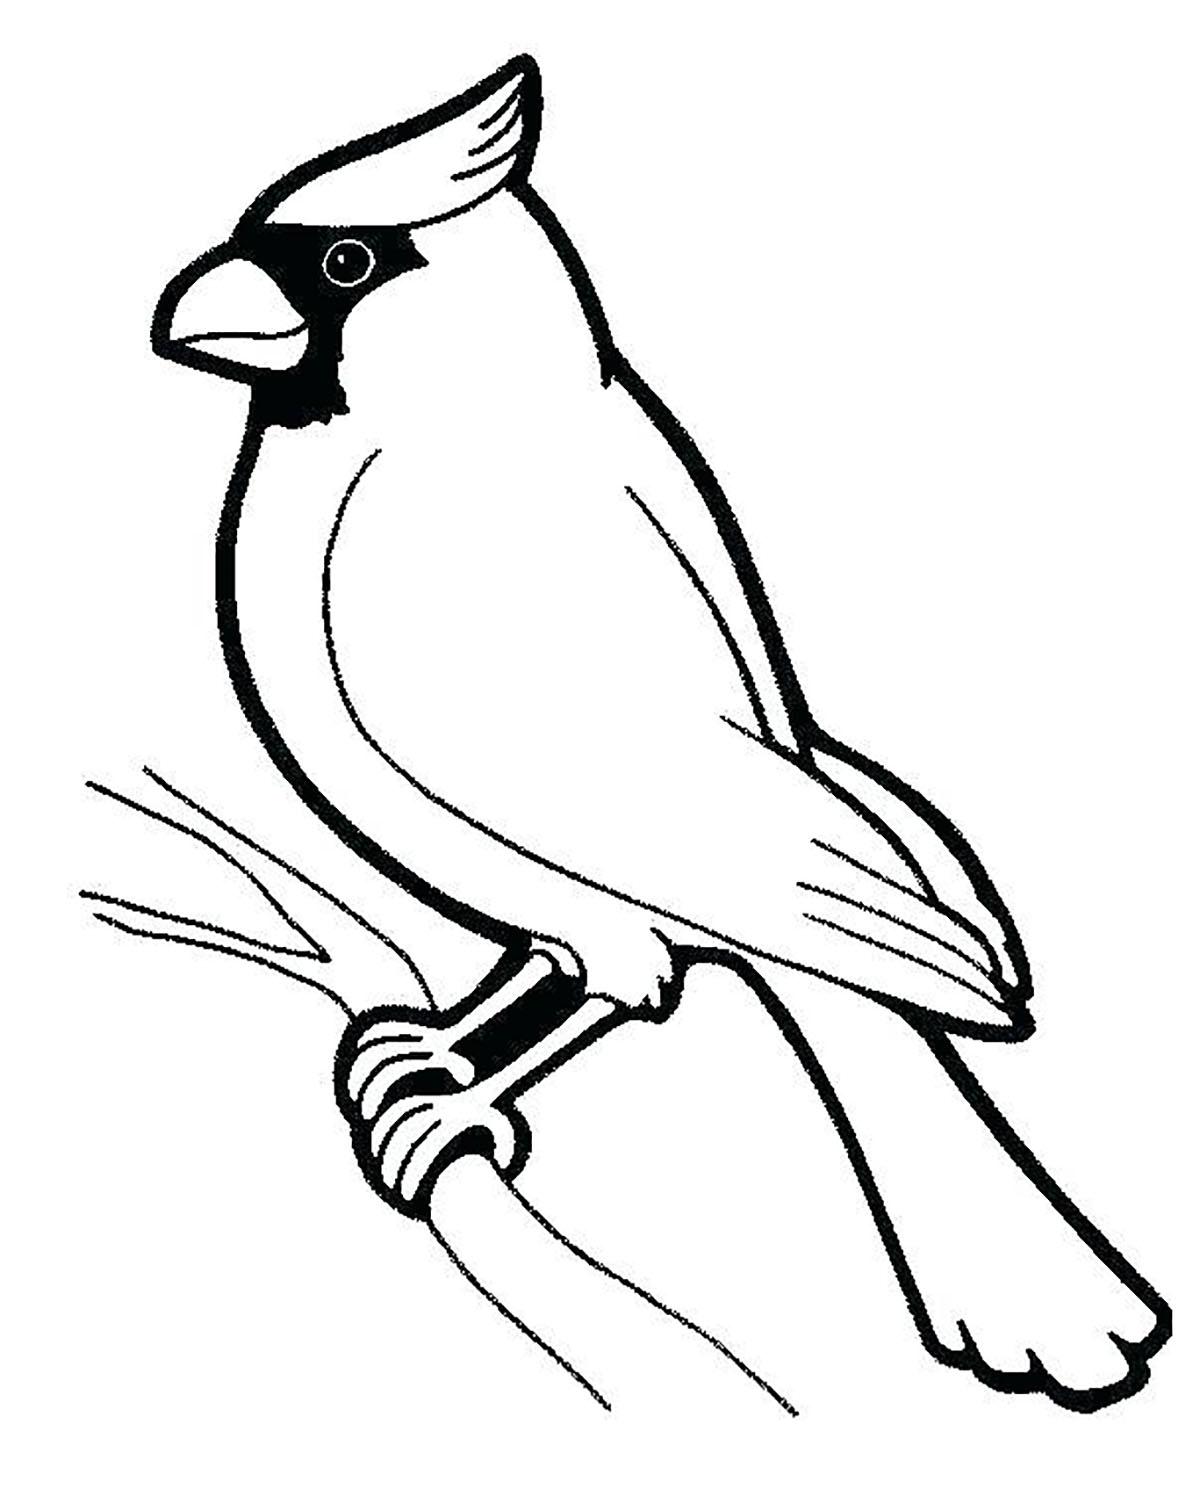 Tranh tô màu con chim đậu trên cành